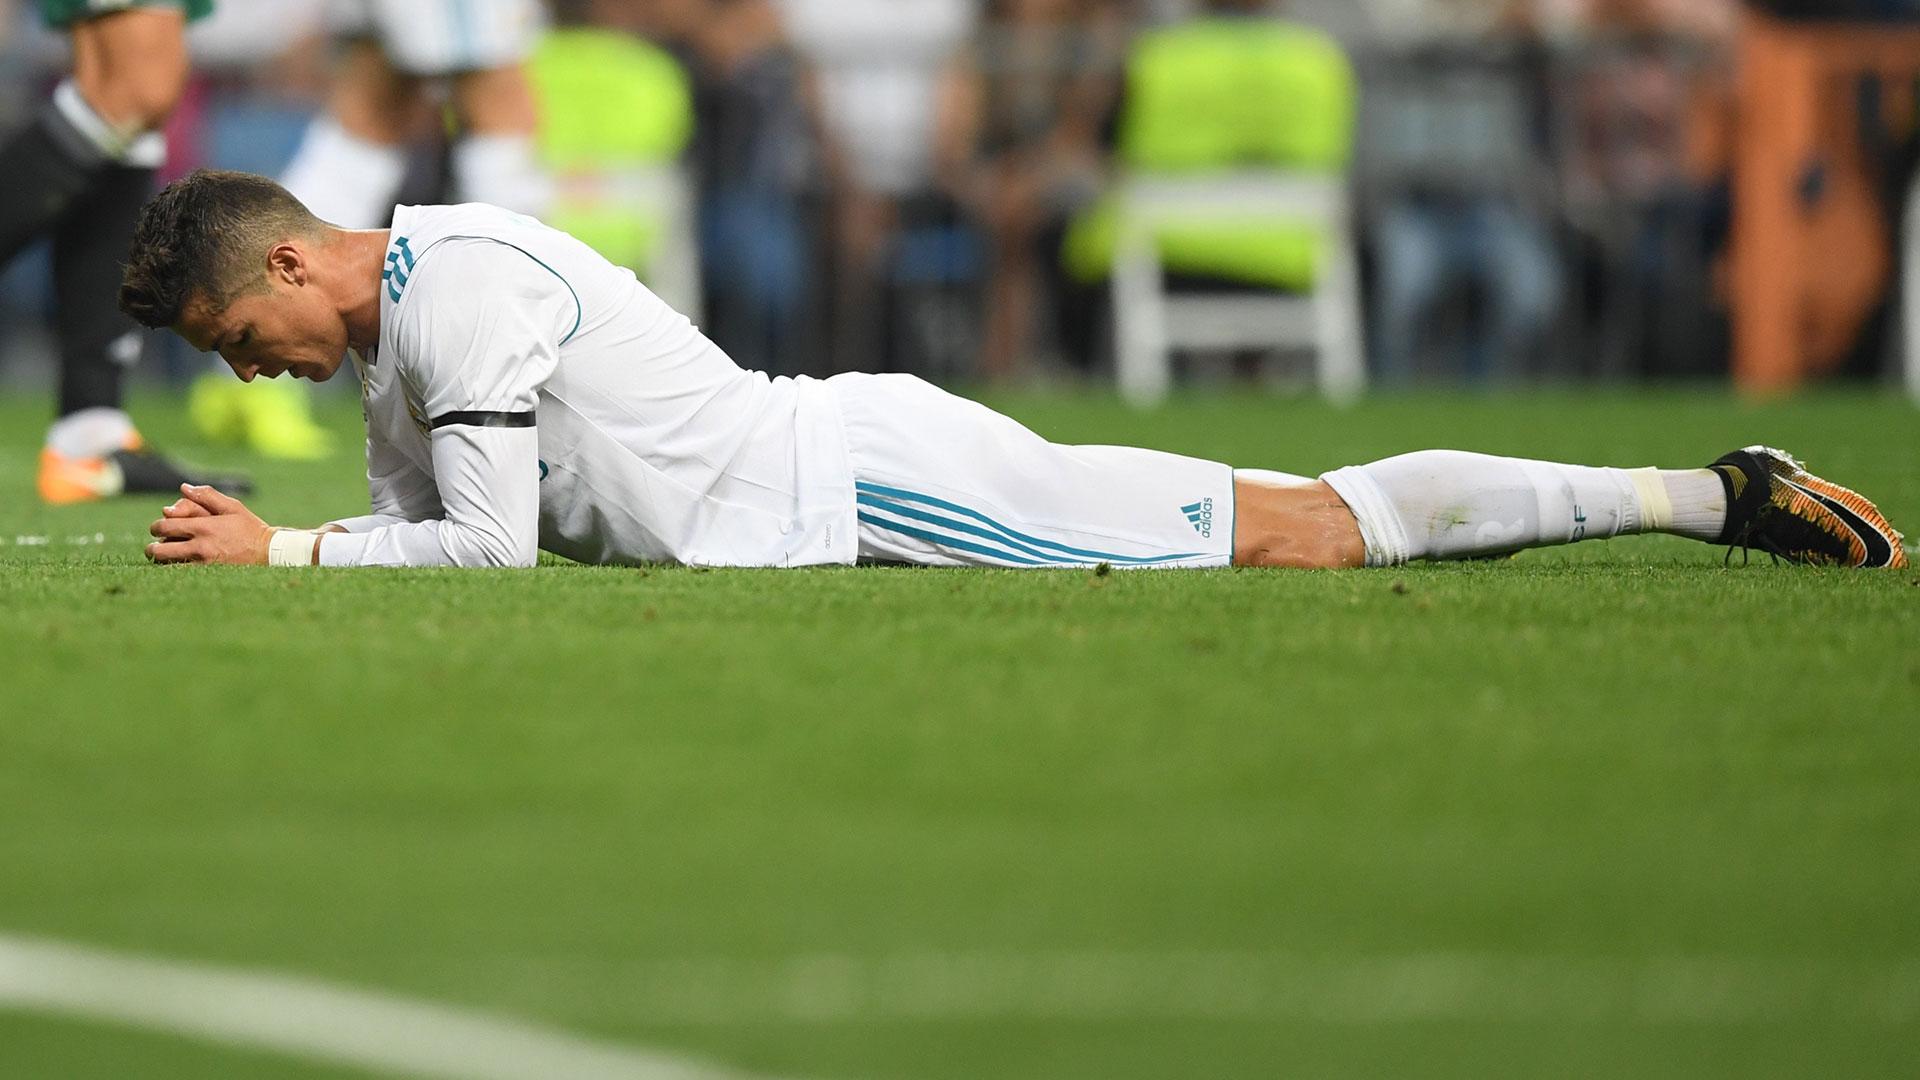 El Real Madrid llevaba 73 partidos marcando al menos un gol